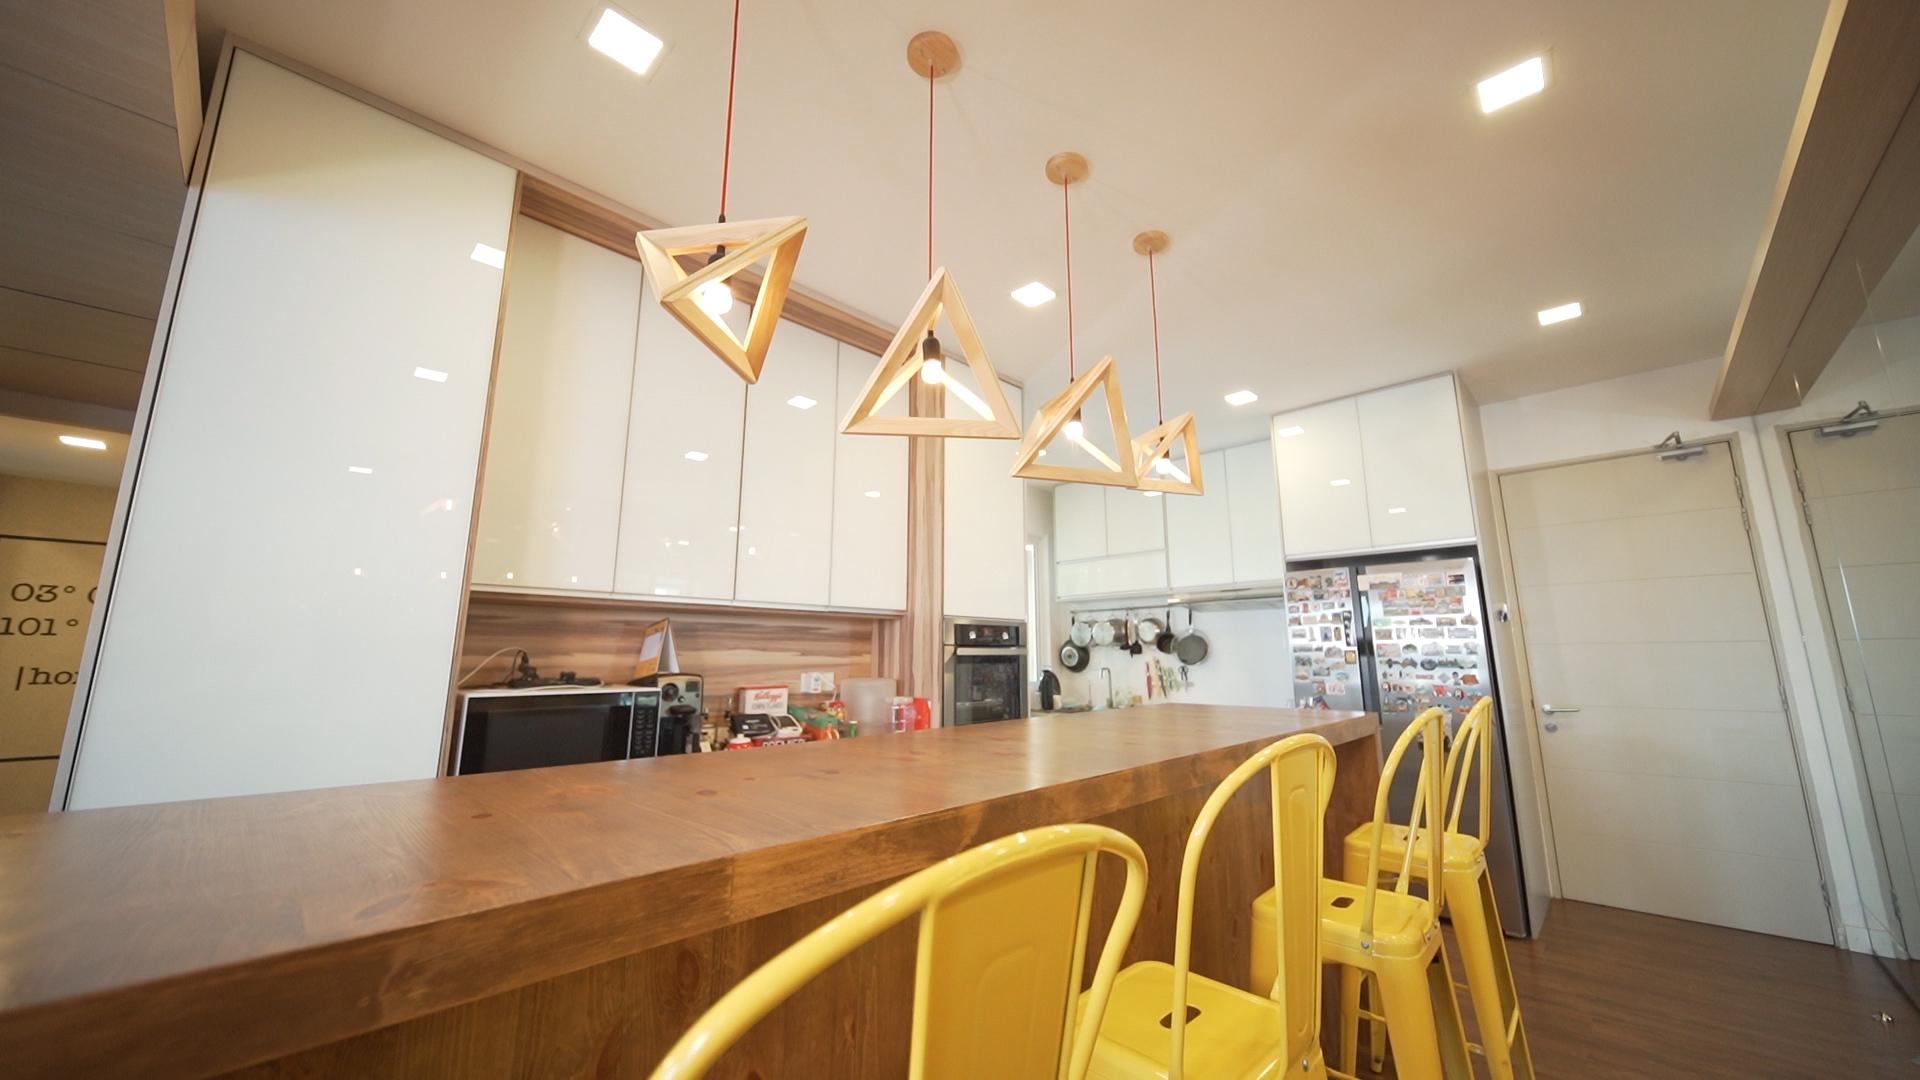 reuben-kang-kitchen-island